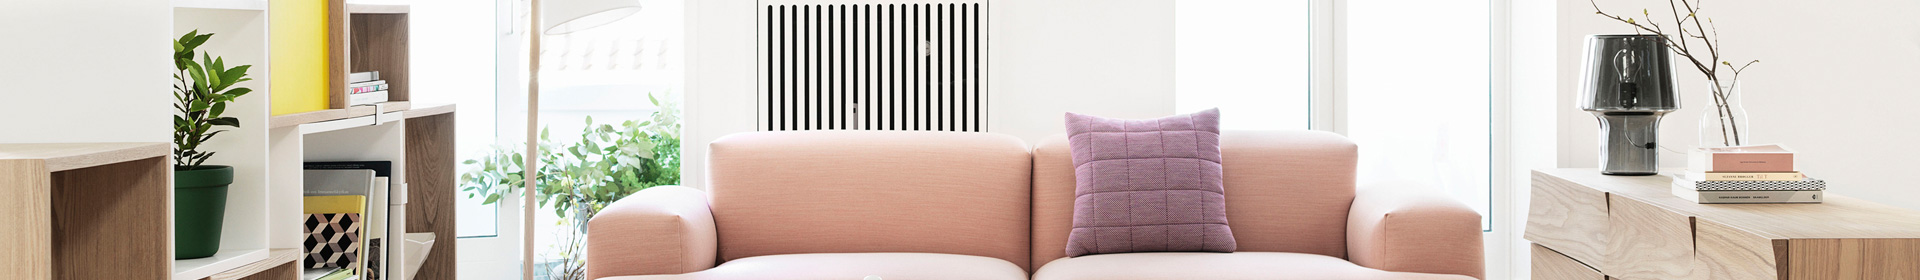 Arredamento per la tua casa online shop on dtime for Creare arredamento casa online